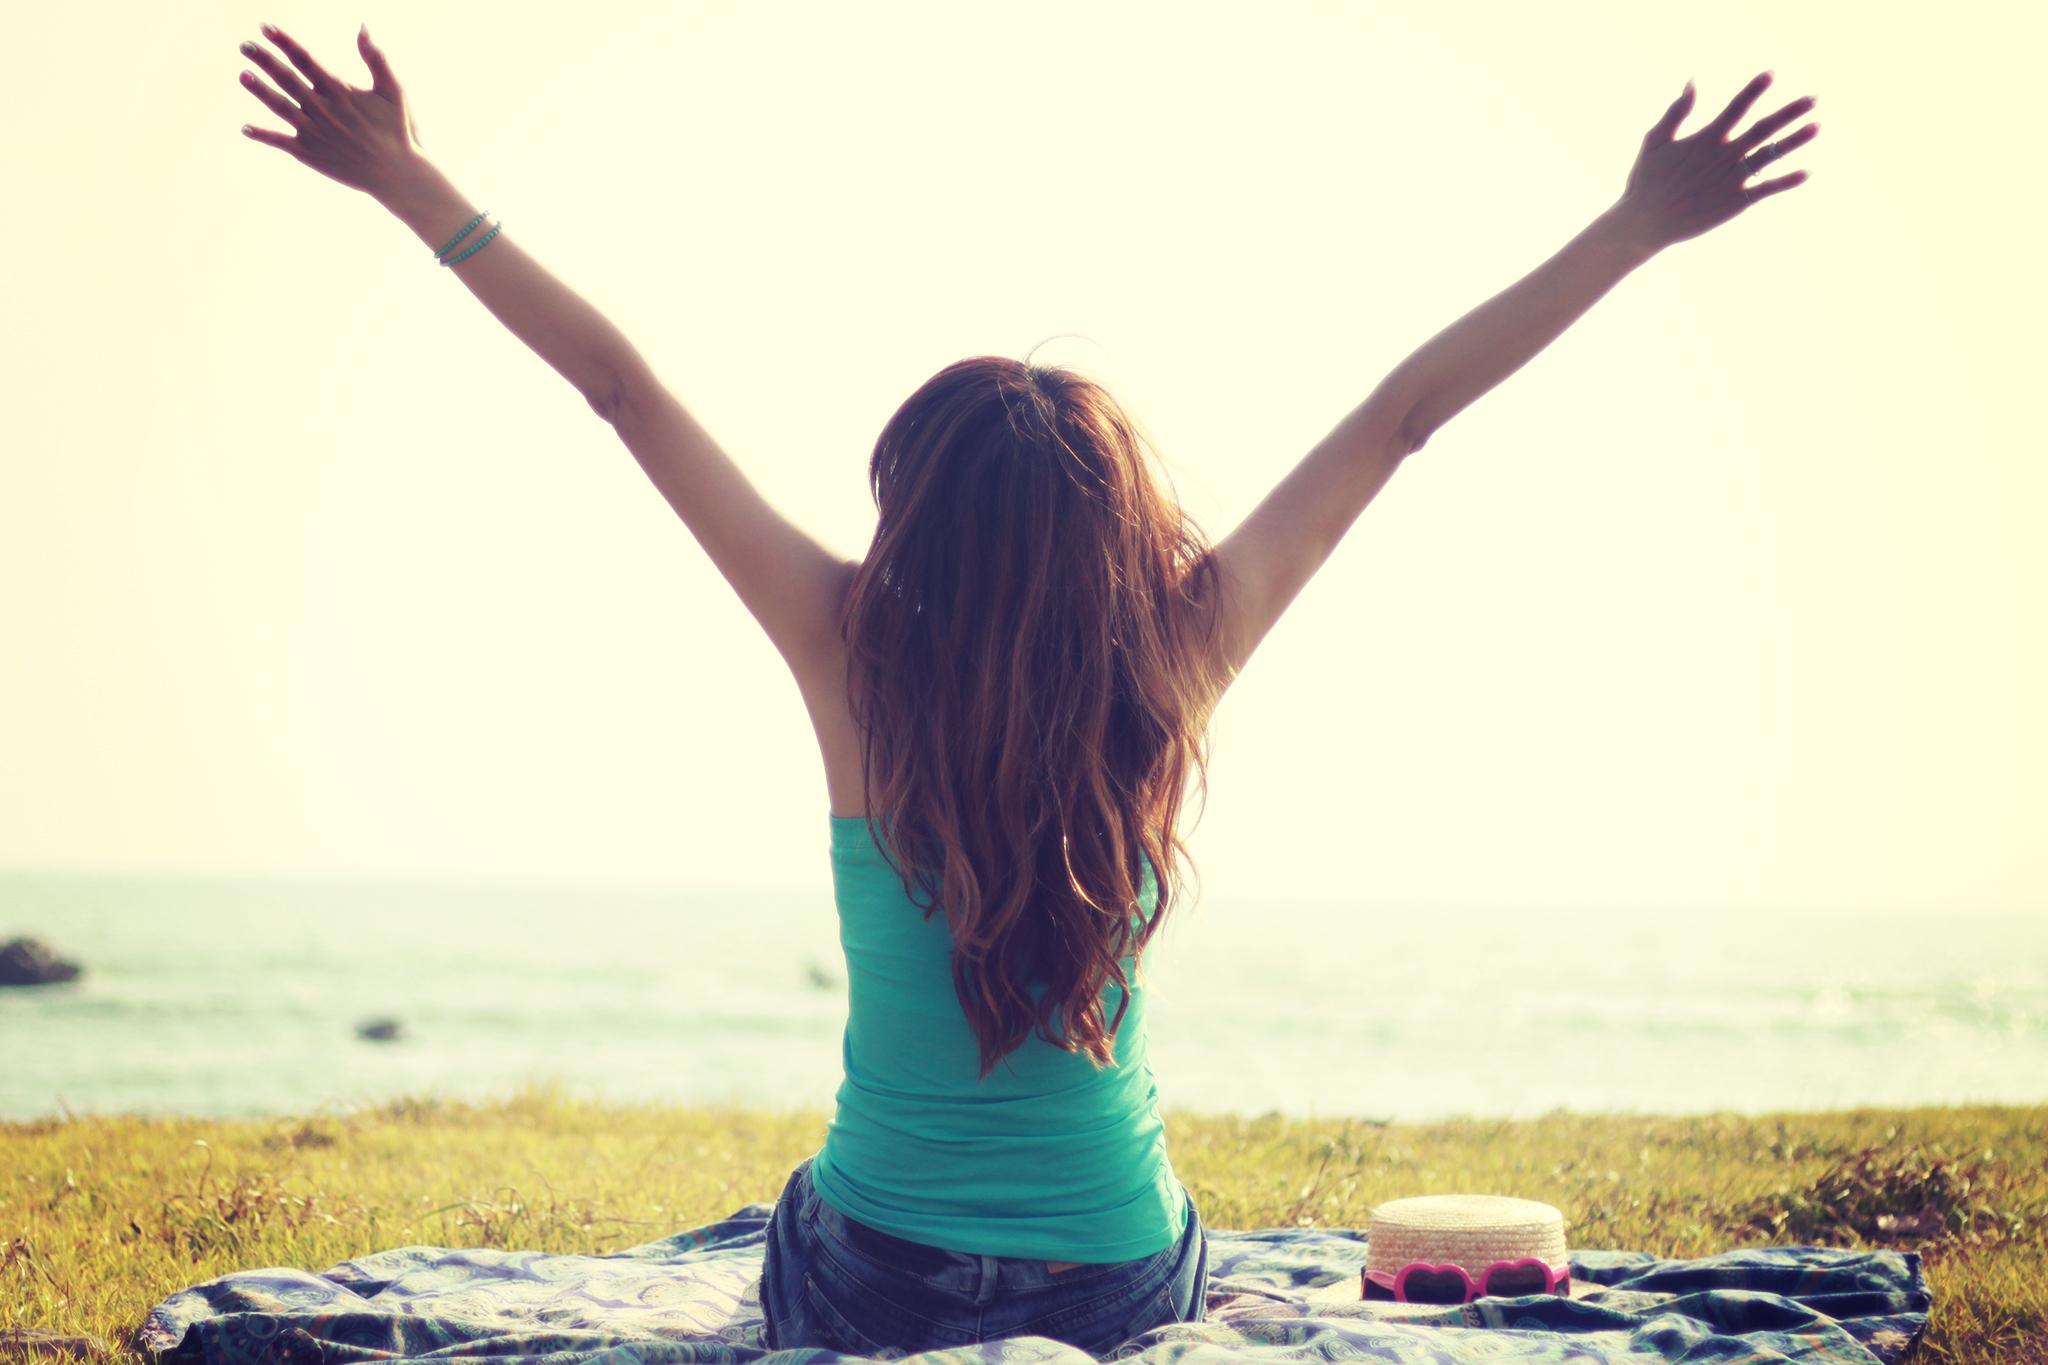 目標を成し遂げる!モチベーションを維持する5つのヒント